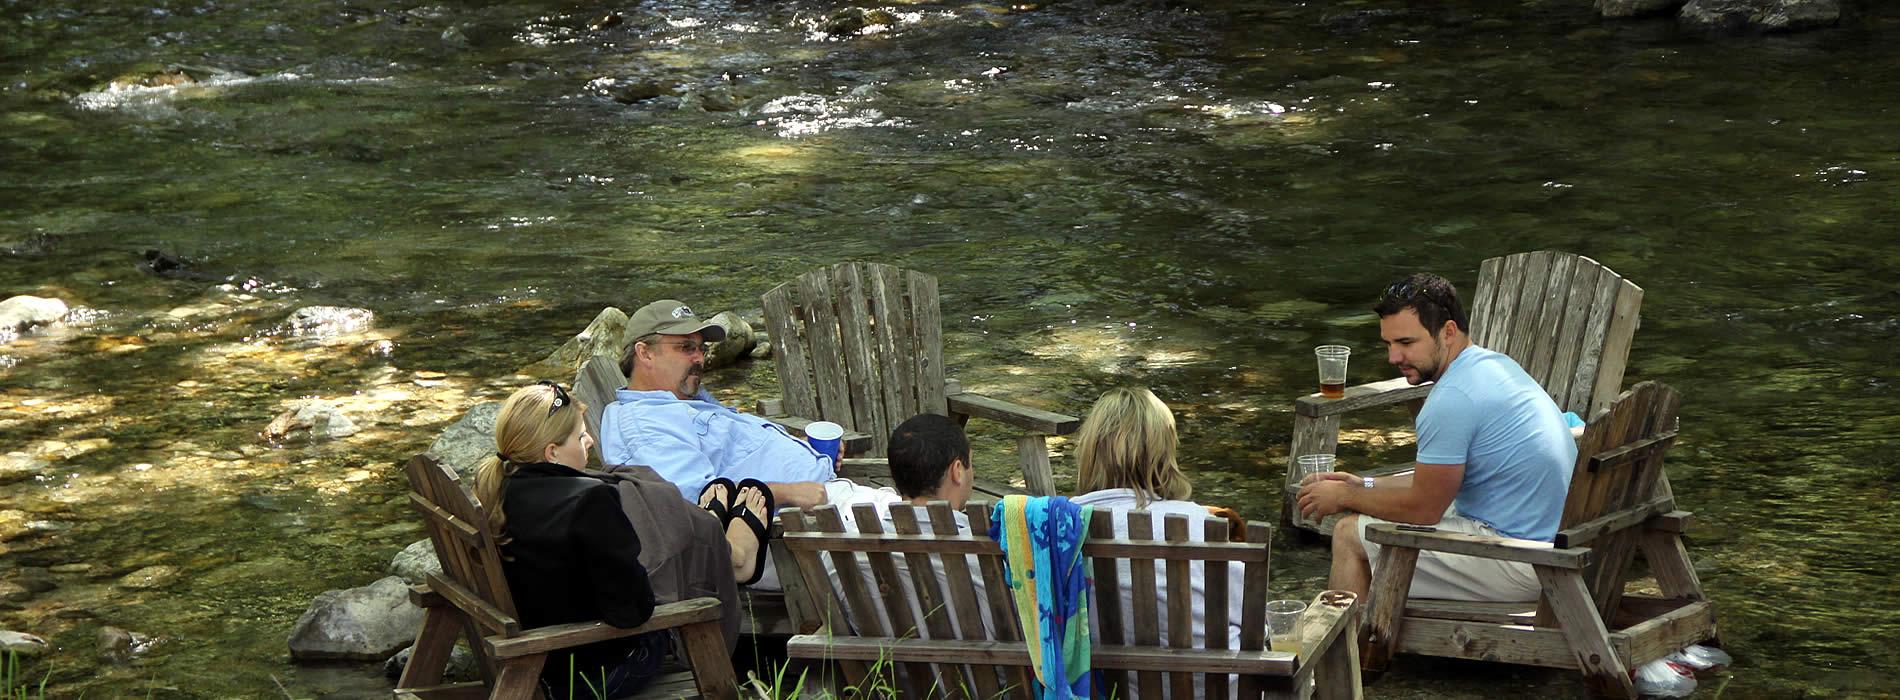 big-sur-river-inn-big-sur-california-guests